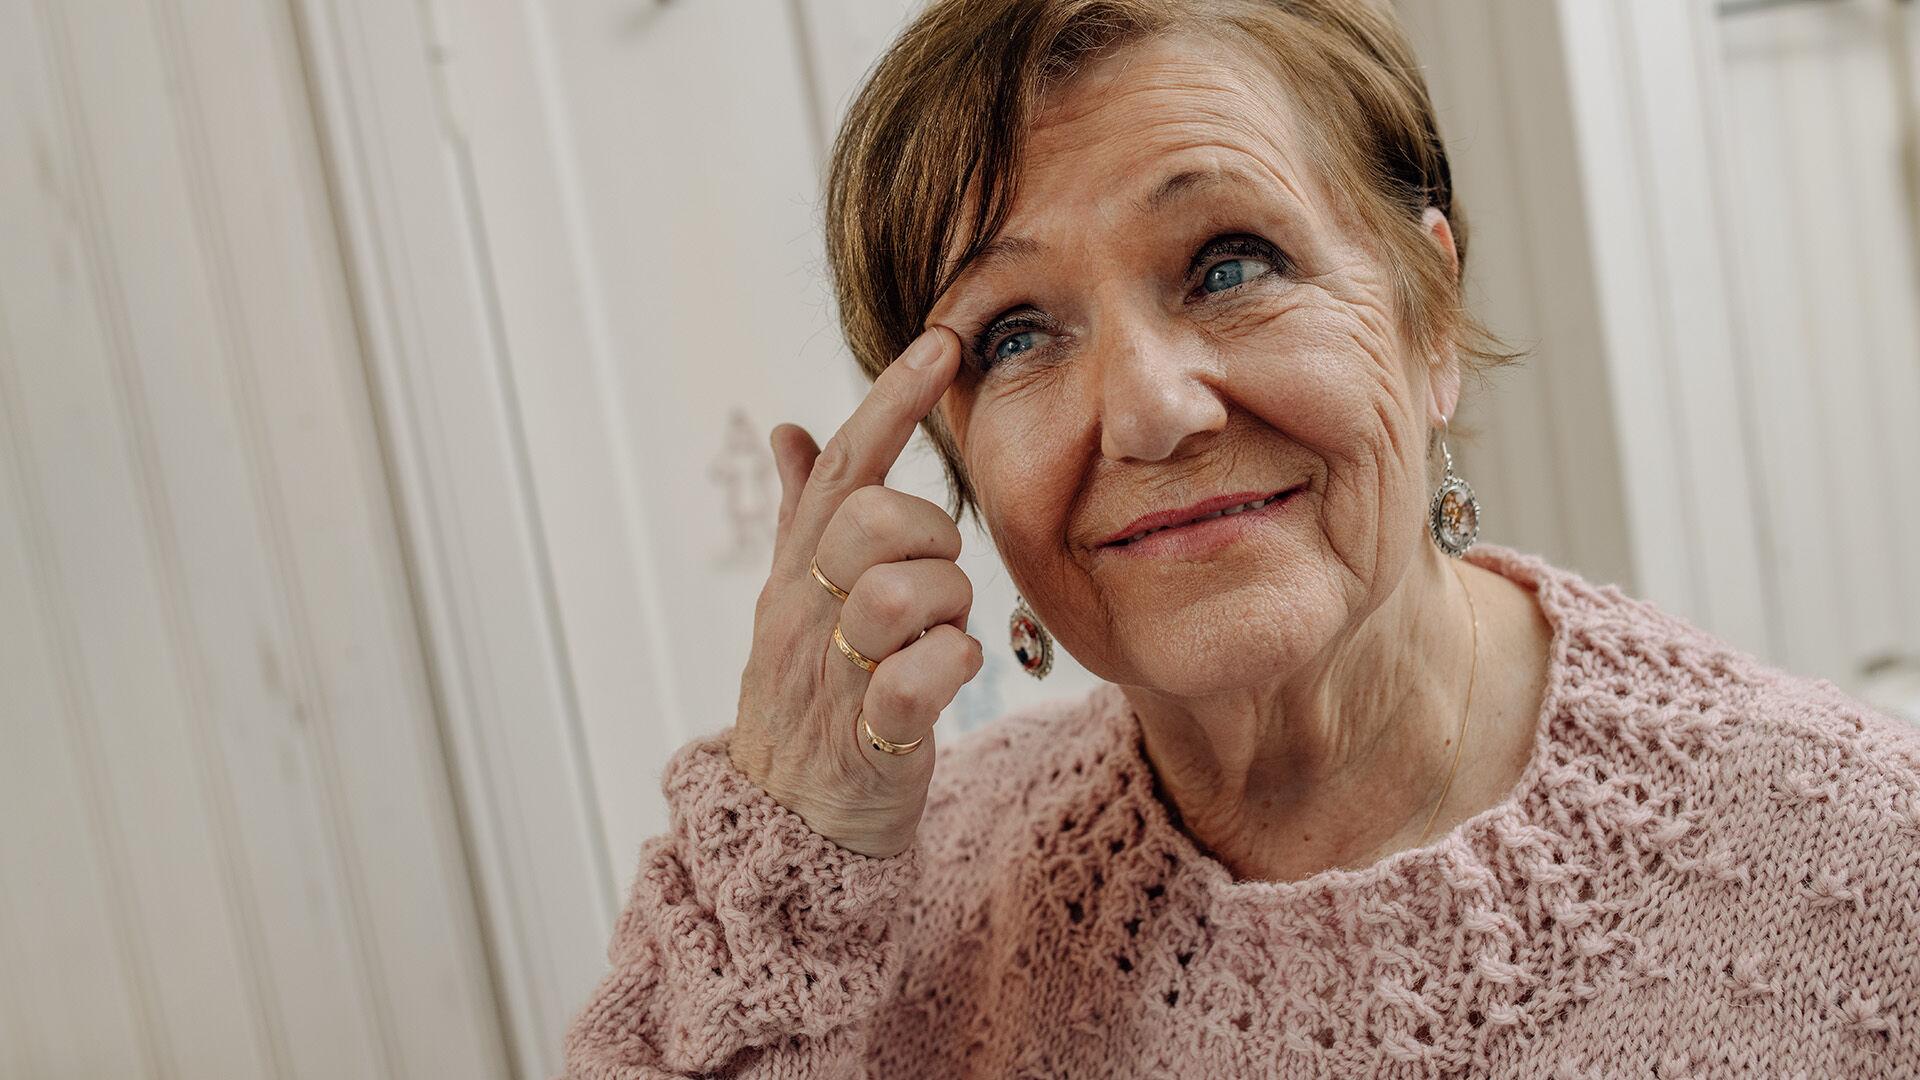 Silmaluomileikkaukset